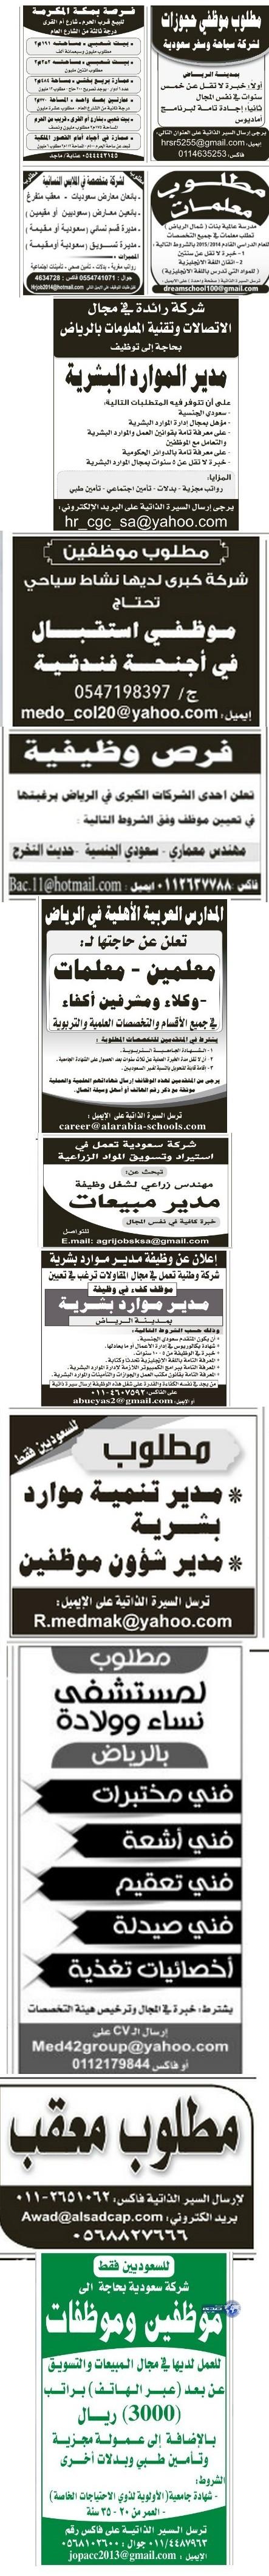 وظائف حكومية اليوم 2-6-1435 ، وظائف حكومية الاربعاء 2-4-2014